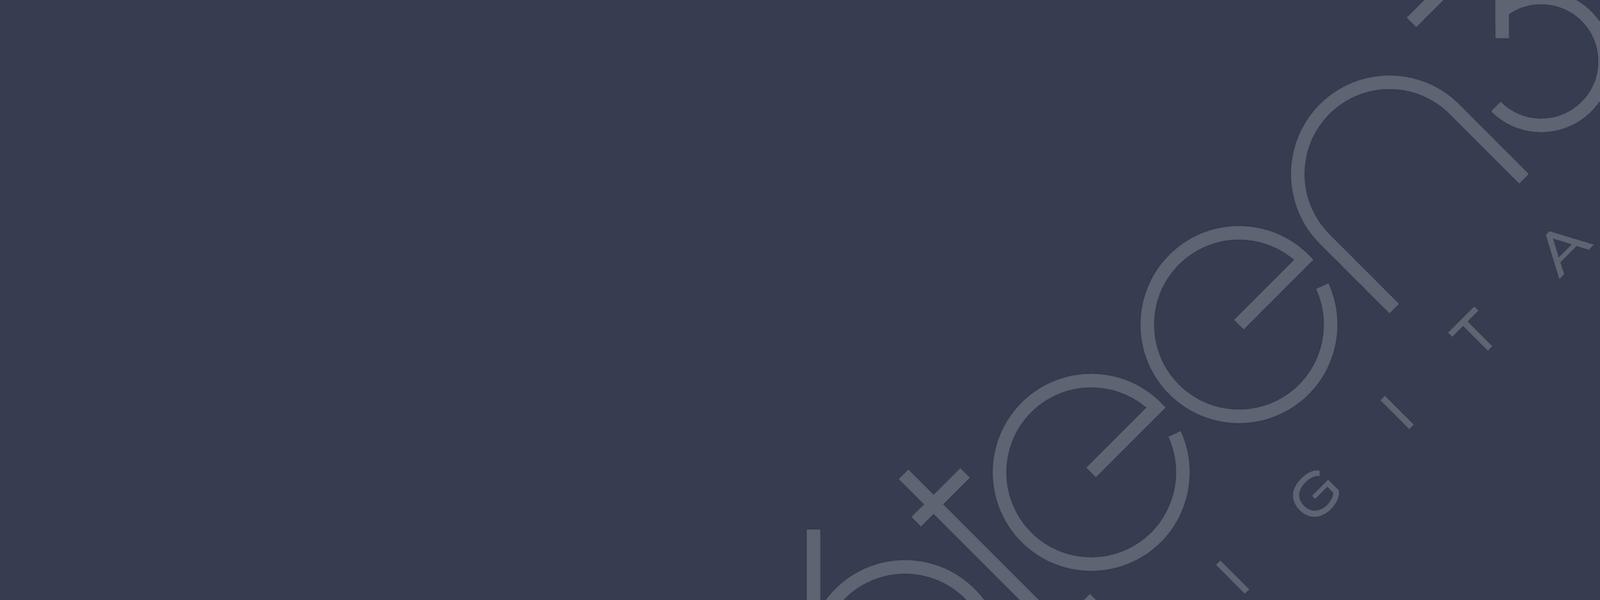 Website Headers_6t30 - Dark Blue 7